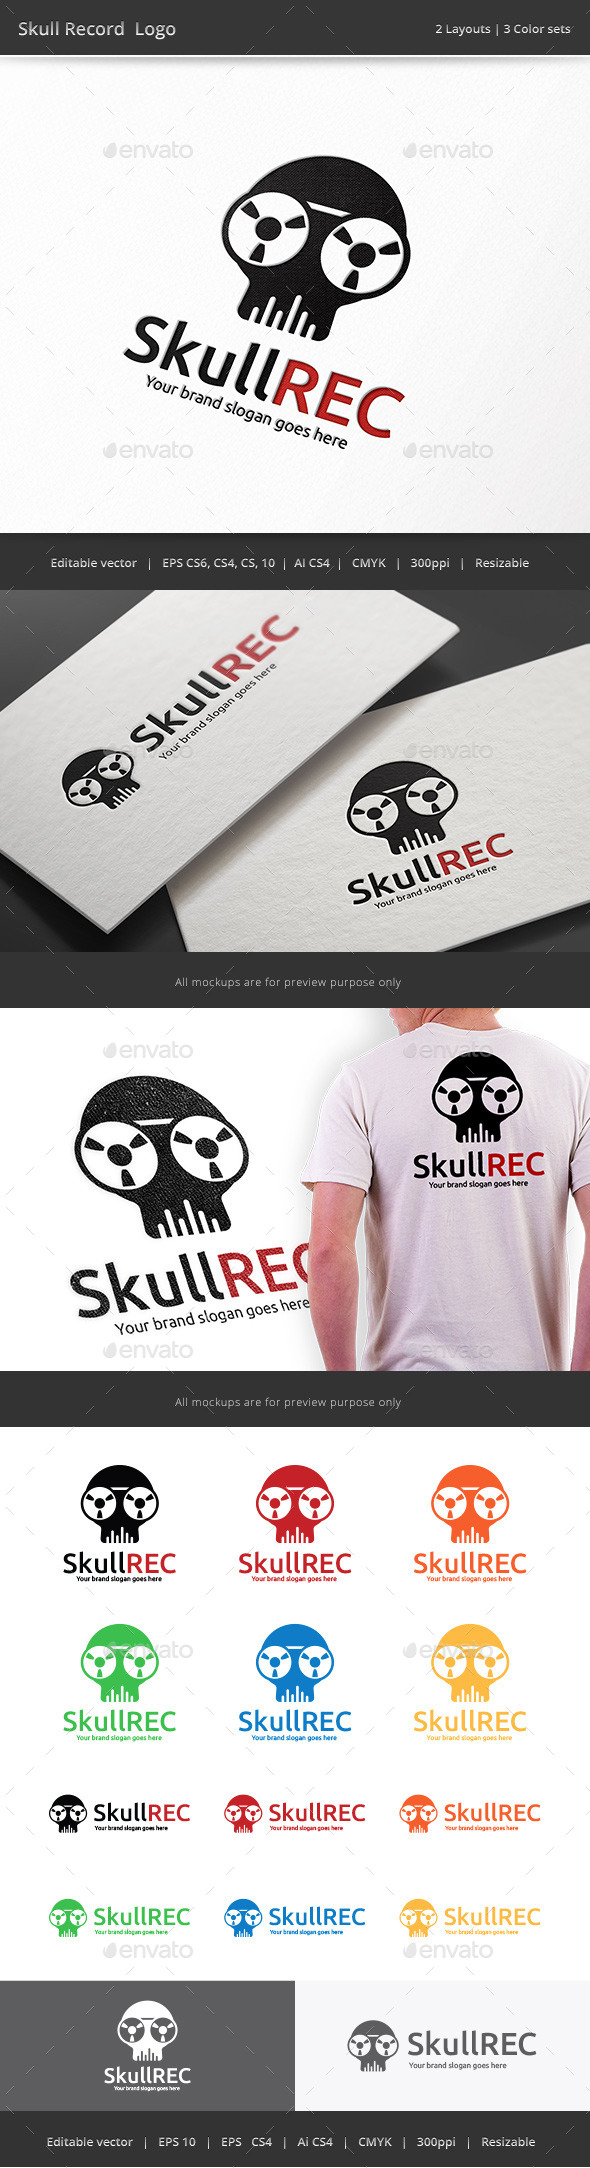 Skull Record Logo - Objects Logo Templates